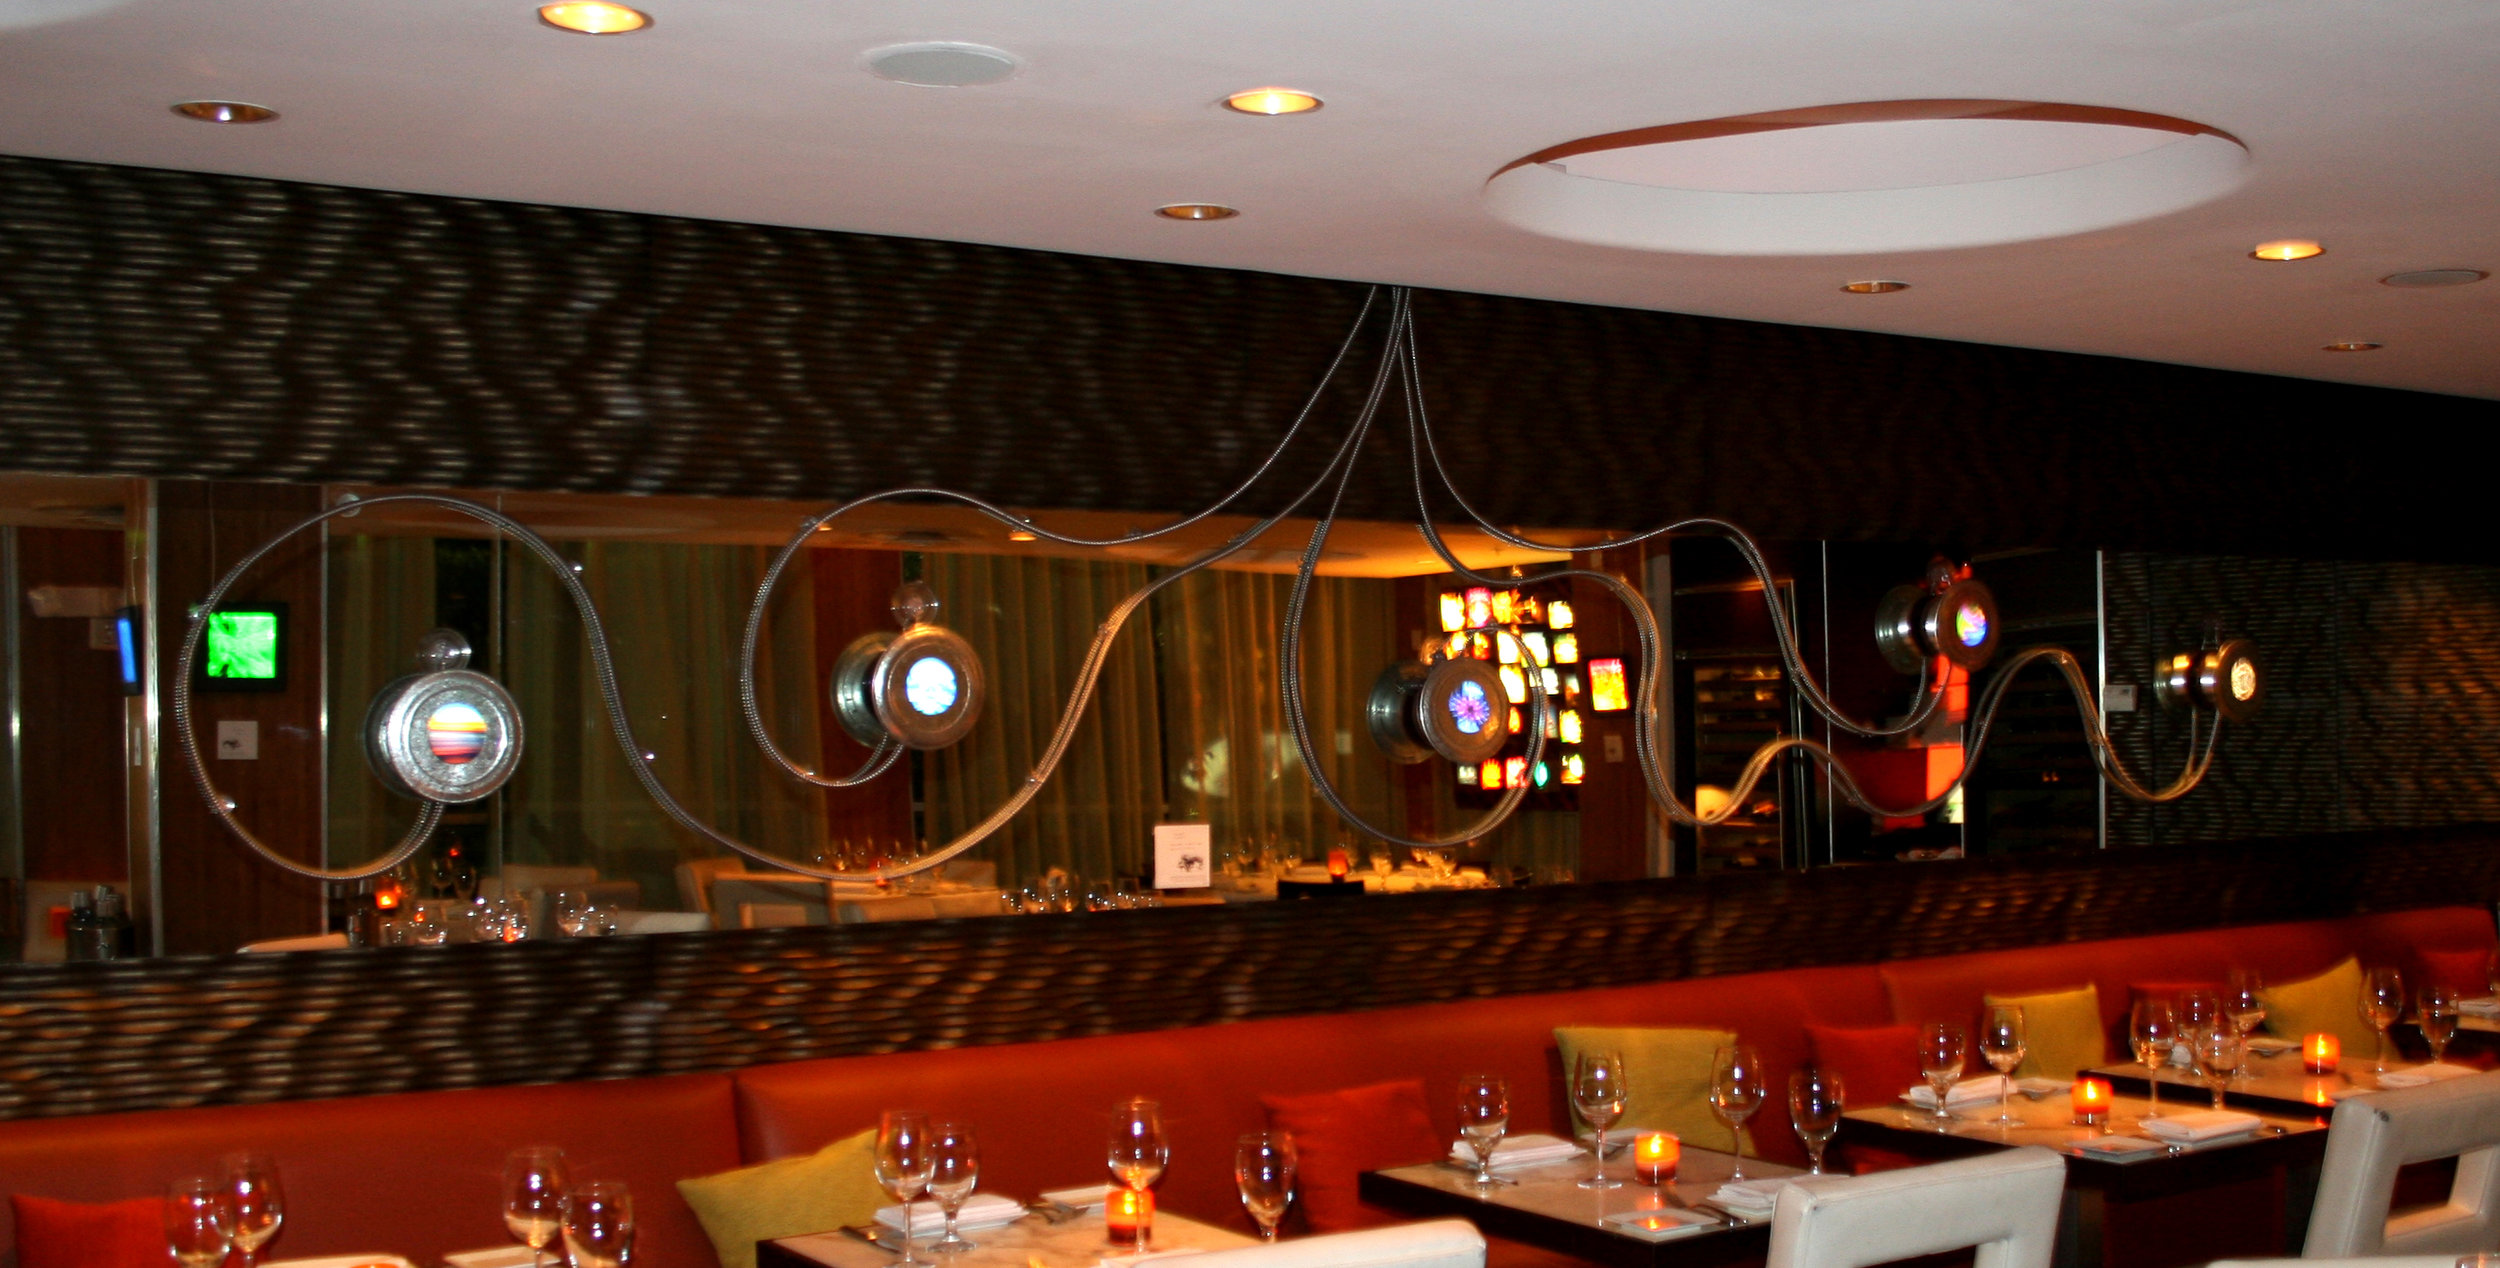 OLA Restaurant, Miami Beach : Light installation on mirror